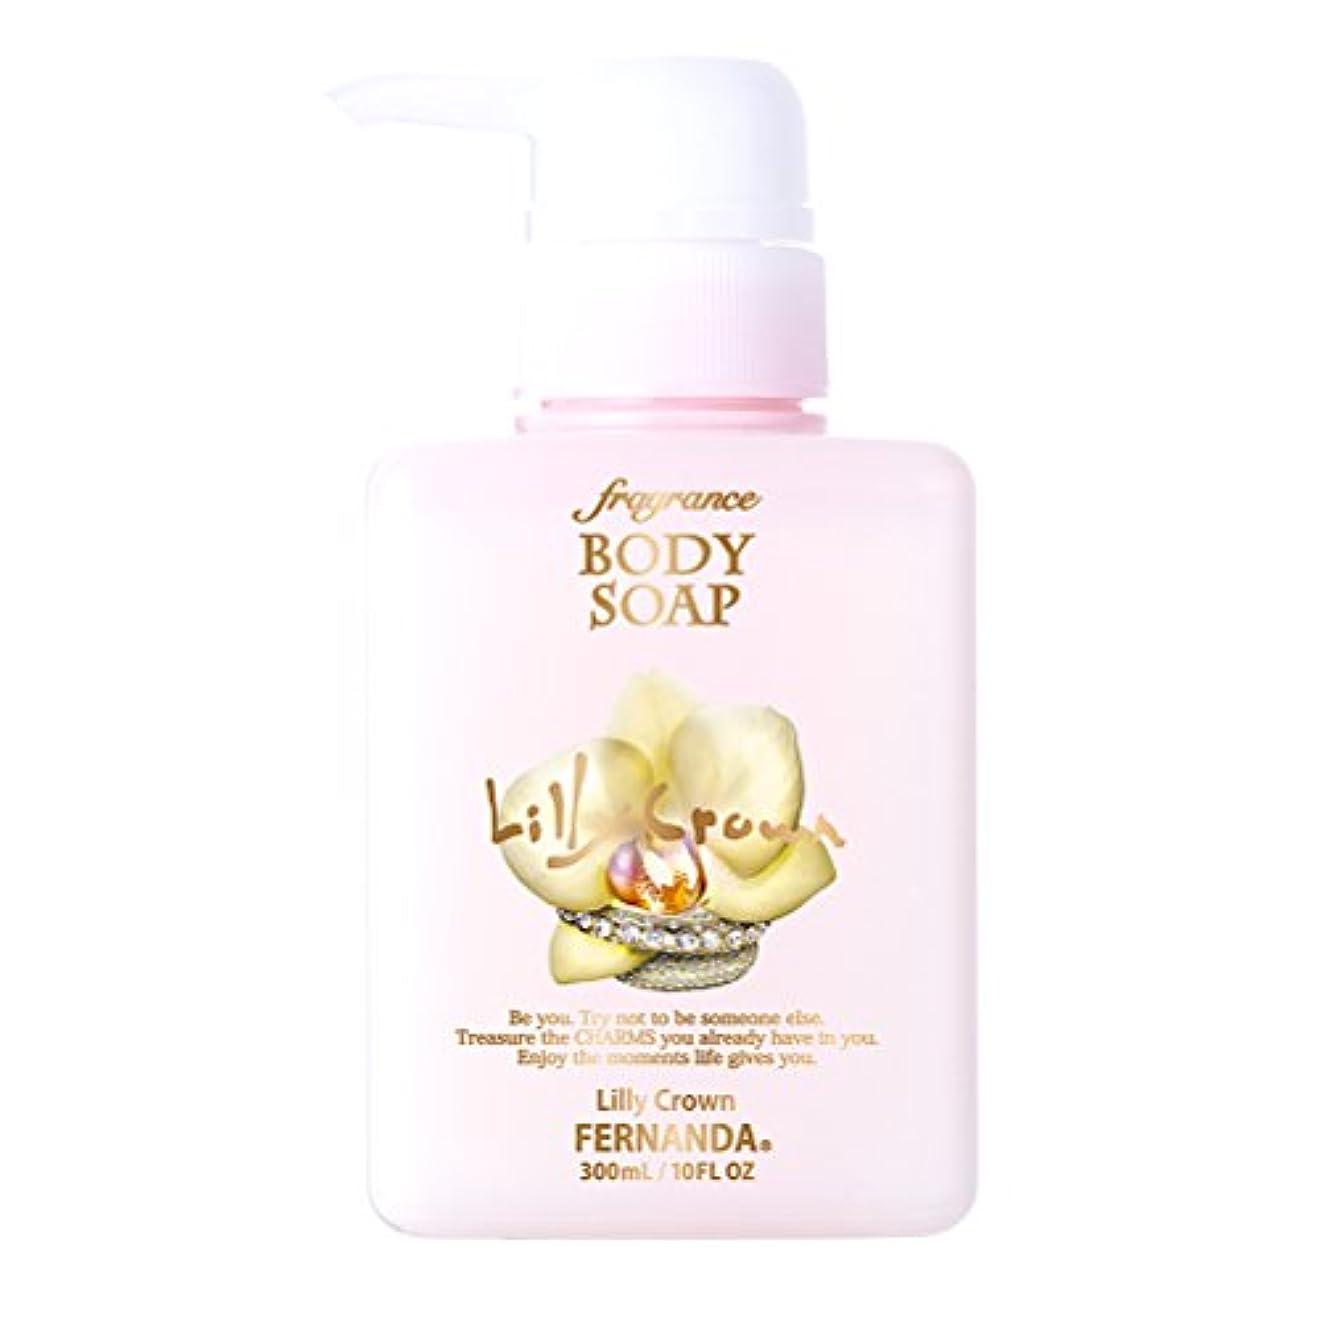 懇願する死ぬ反毒FERNANDA(フェルナンダ) Fragrance Body Soap Lilly Crown (ボディソープ リリークラウン)